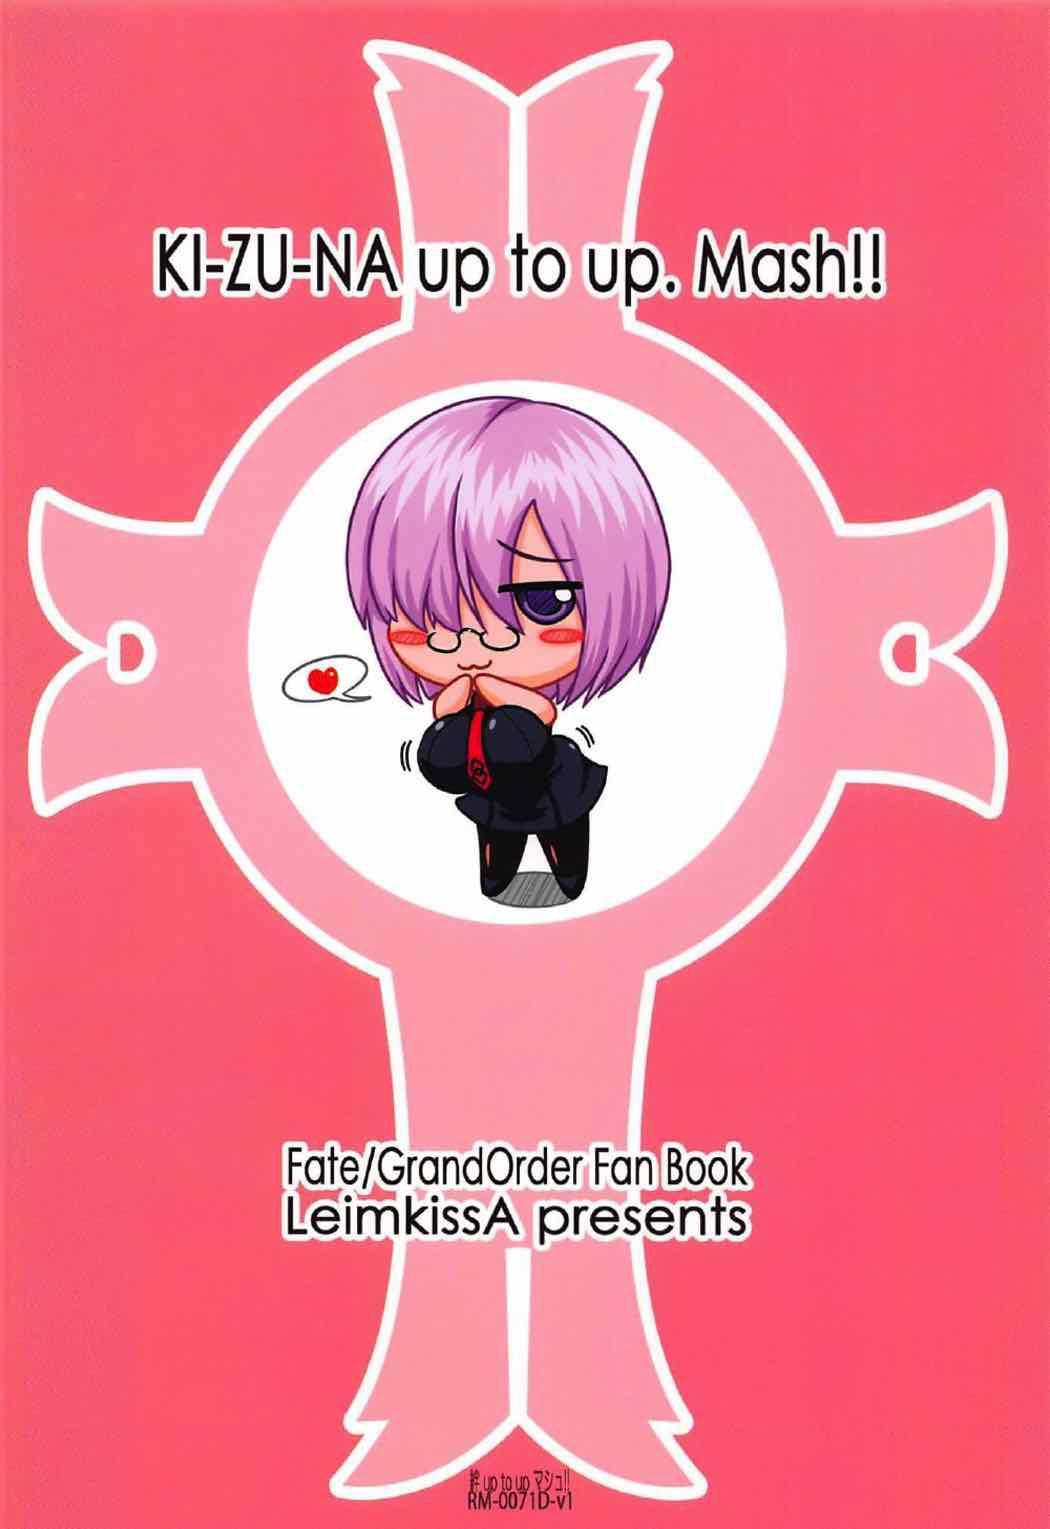 Kizuna up to up Mash!! 27